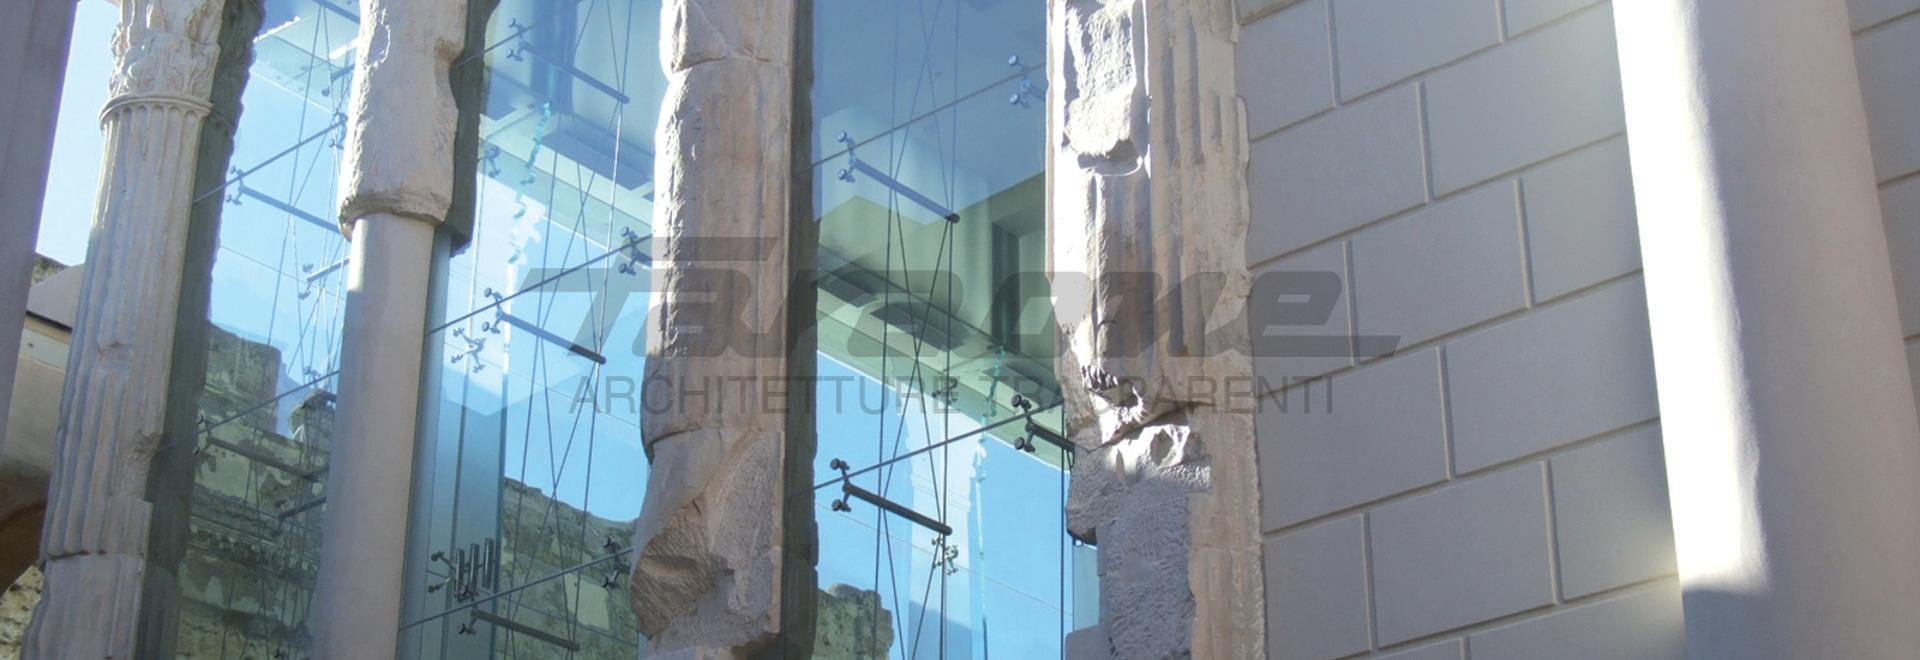 Restauration «temple de temple d'Augustus». Pozzuoli, Naples. L'Italie